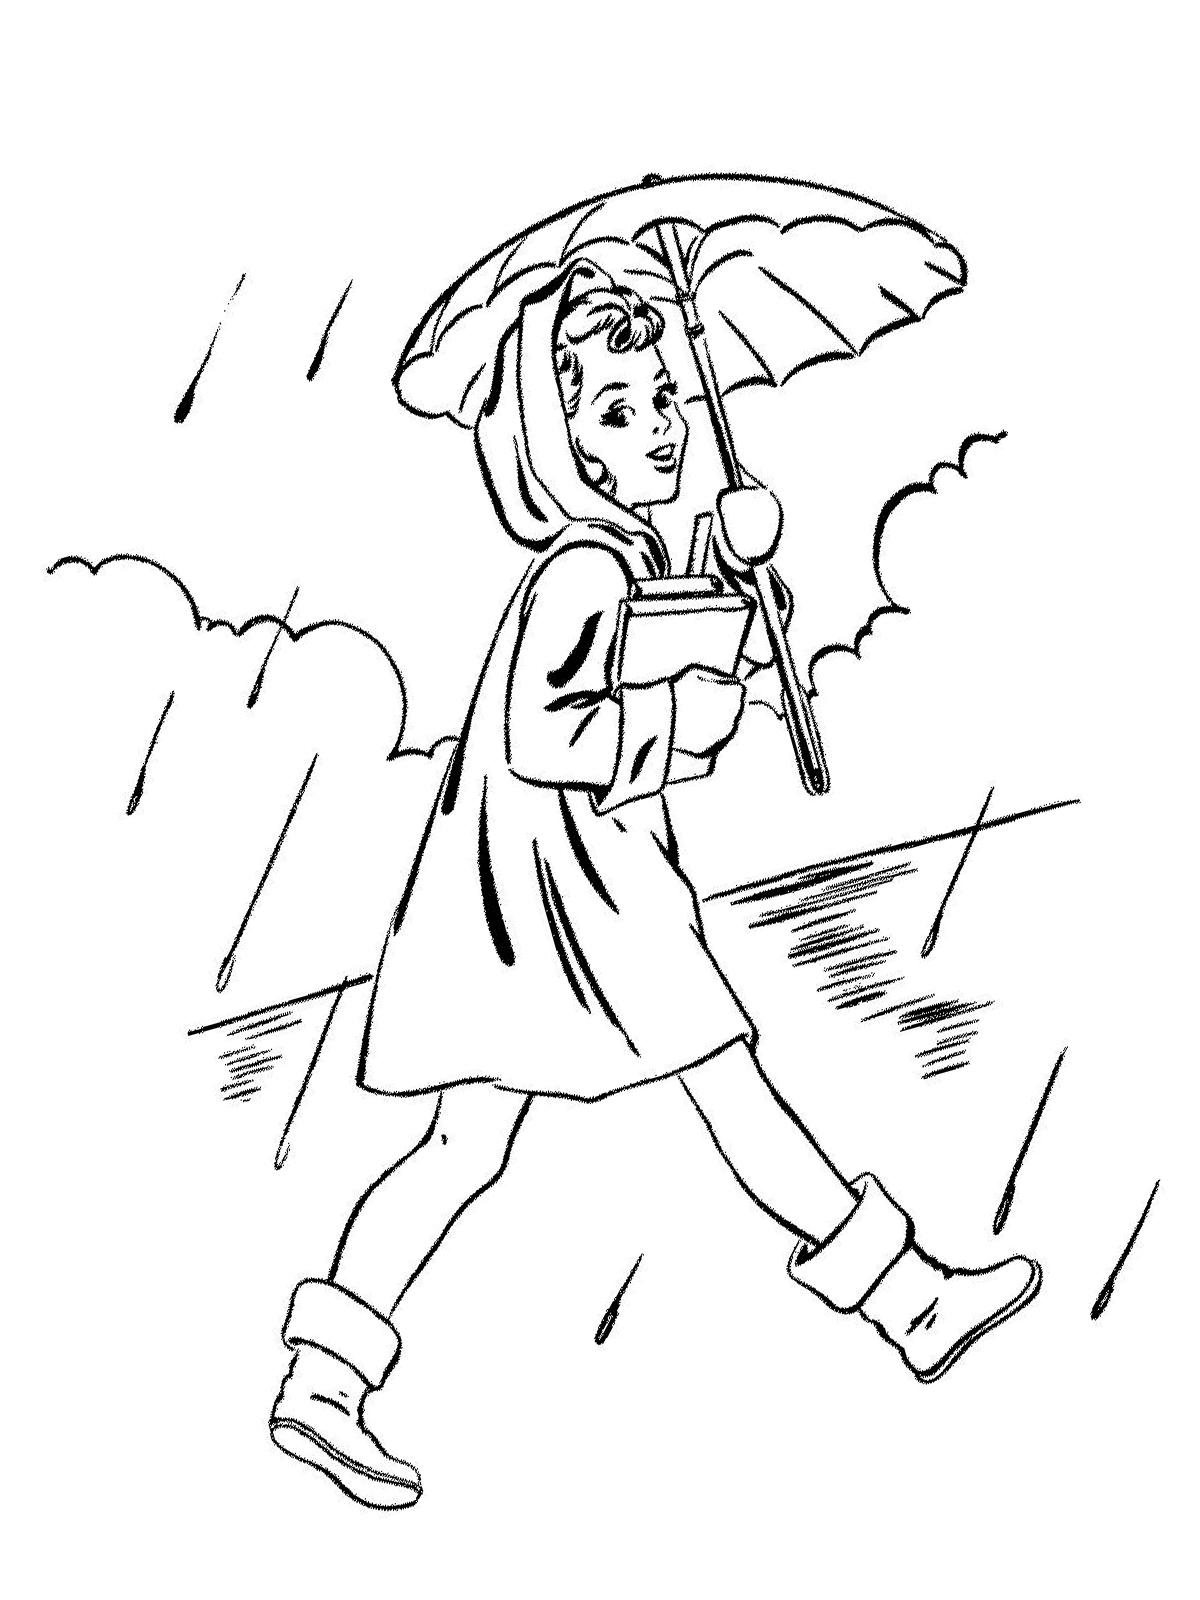 Frühling Ausmalbilder Zum Ausdrucken Kostenlos : Ausmalbilder Fr Hling 10 Kostenlos M Rchen Aus Aller Welt Der